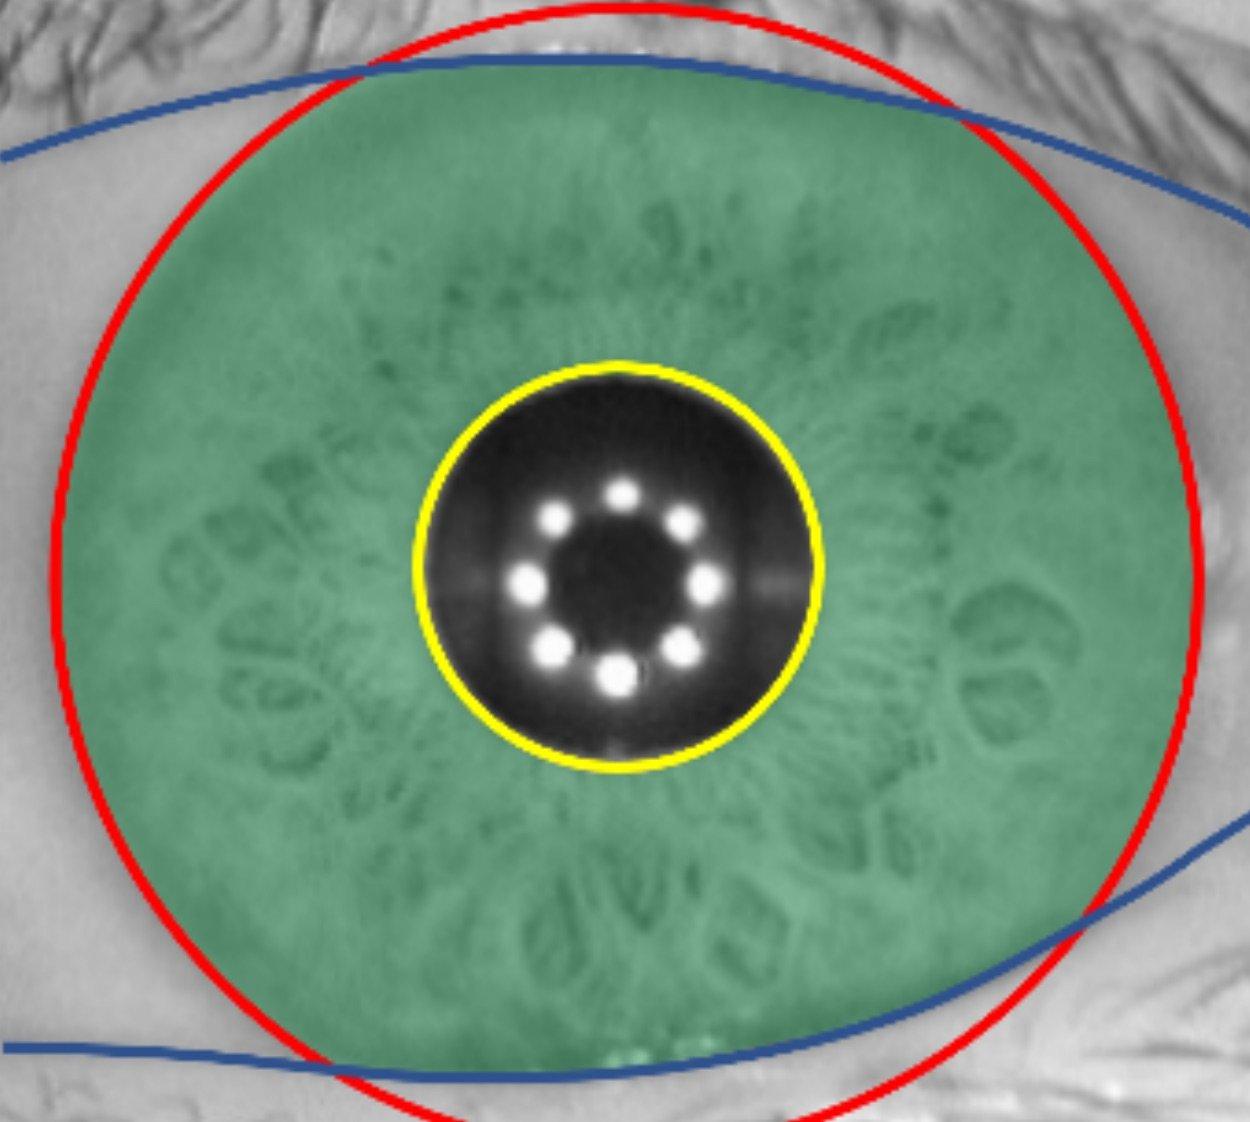 Iris zones